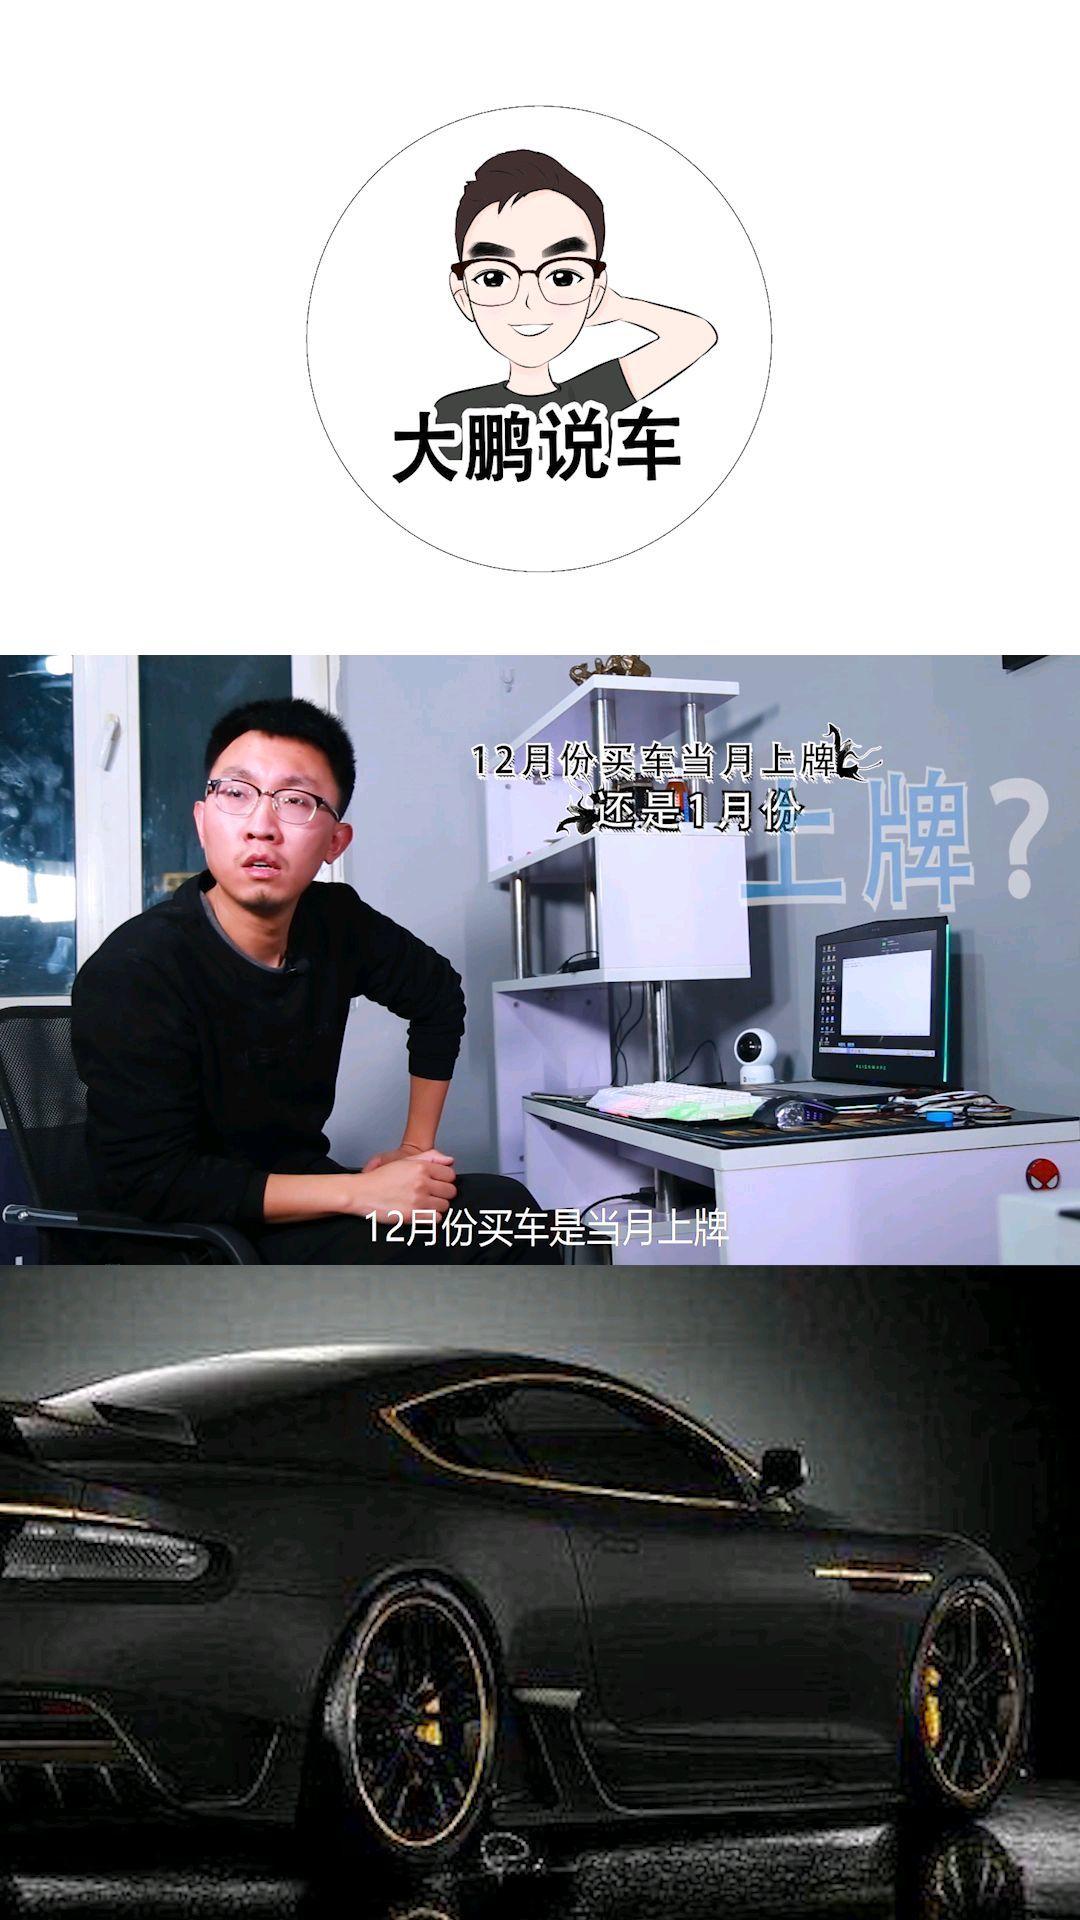 【大鹏说车】年底买车,12月上牌还是明年1月上牌?